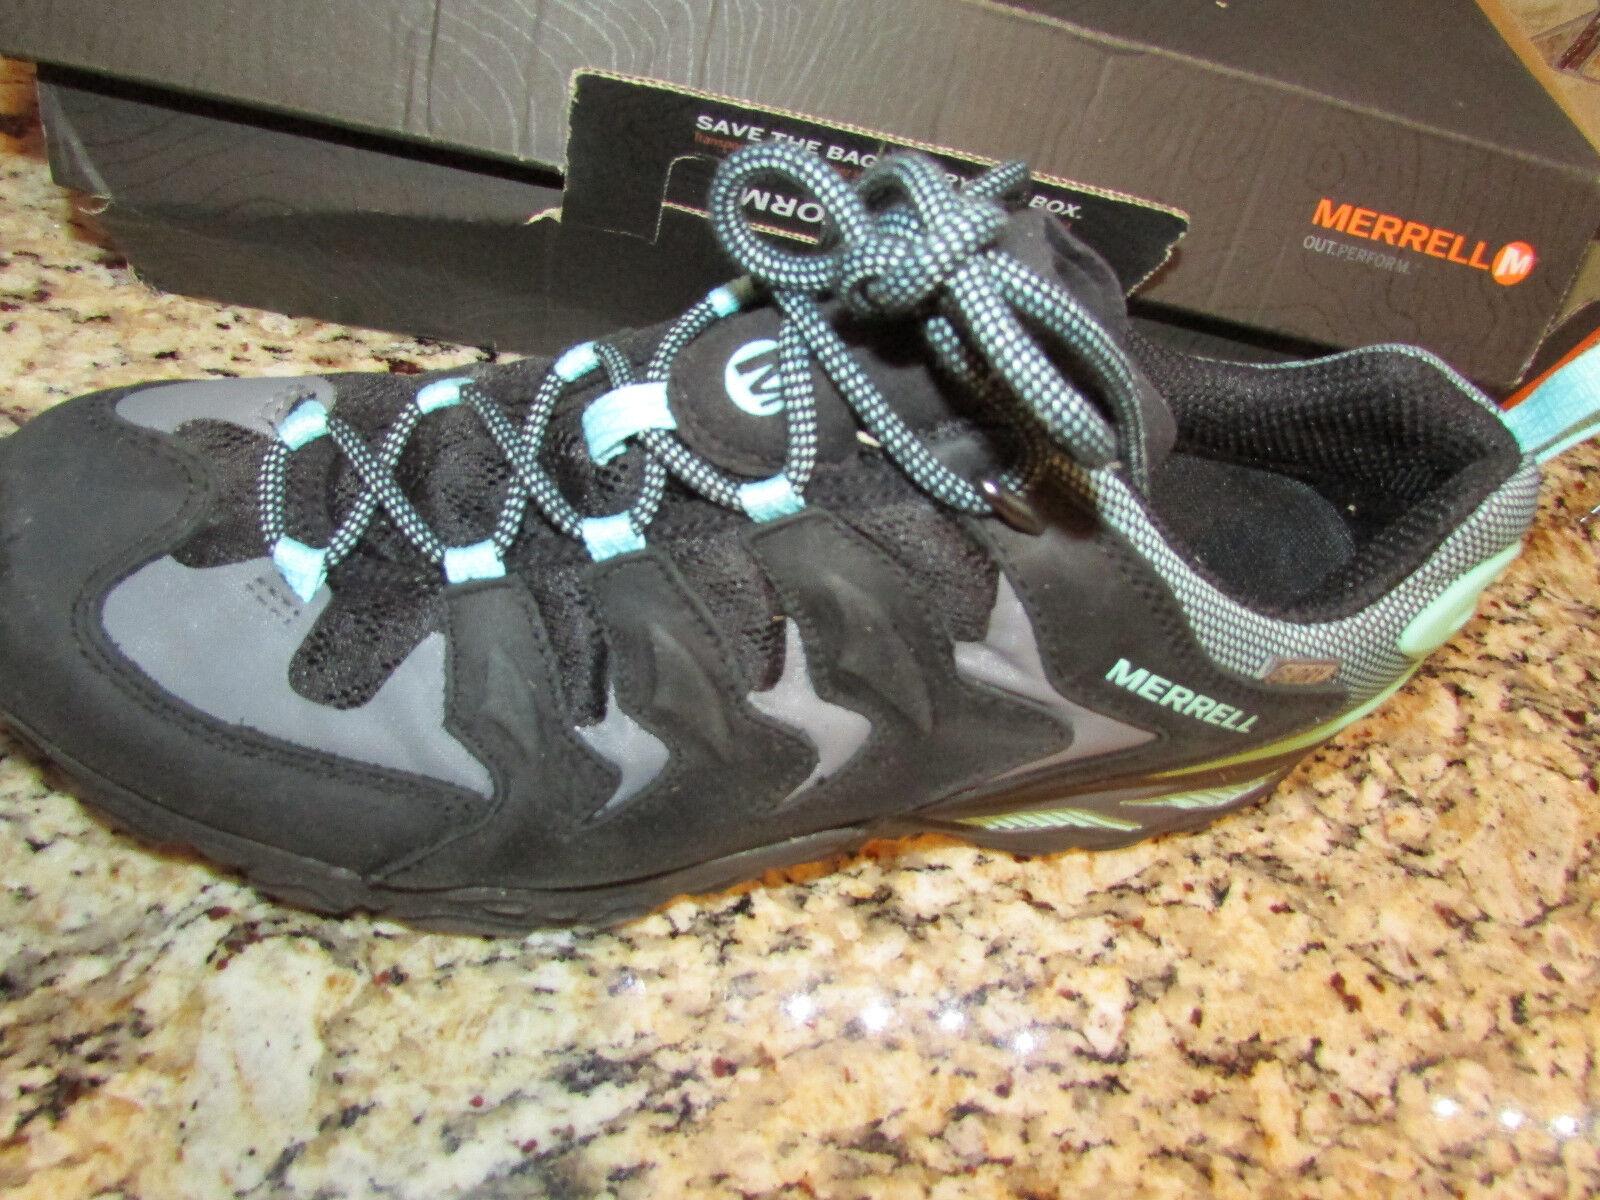 Zapatos de Cuero nuevos Impermeables Merrell Camufladas Shift para para para Mujer 10.5 Senderismo  Más asequible